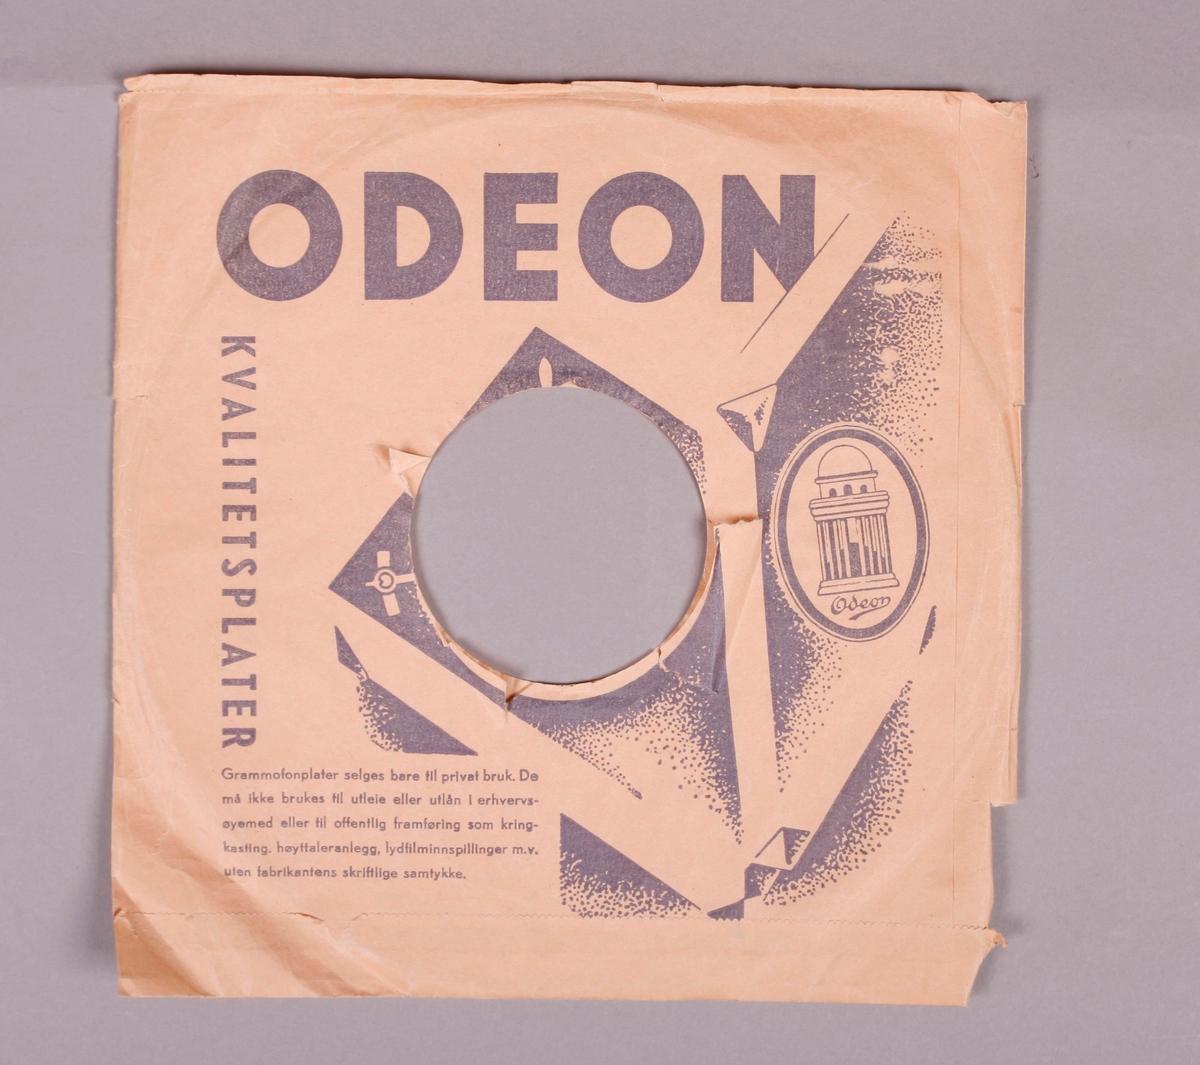 Grammofonplate av skjellakk. Platen ligger i et plateomslag av papir.